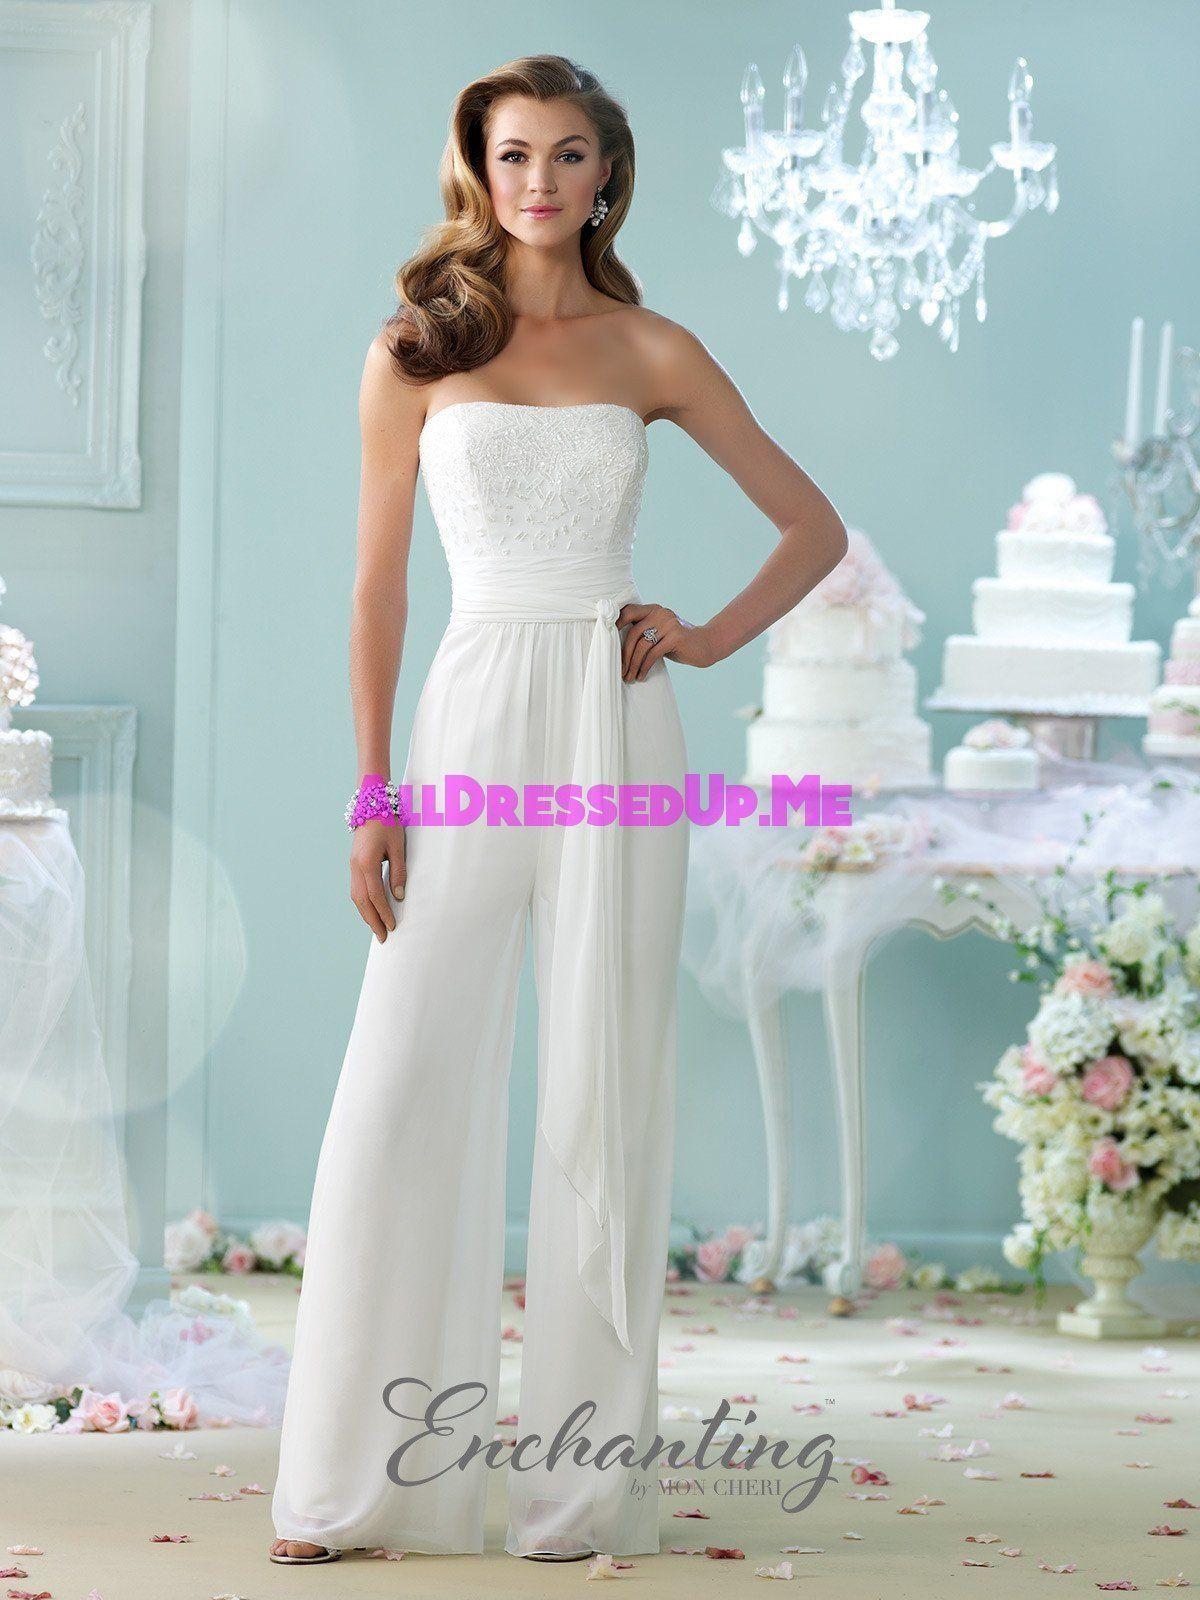 Brides in pants | Offbeat bride, Weddings and Wedding